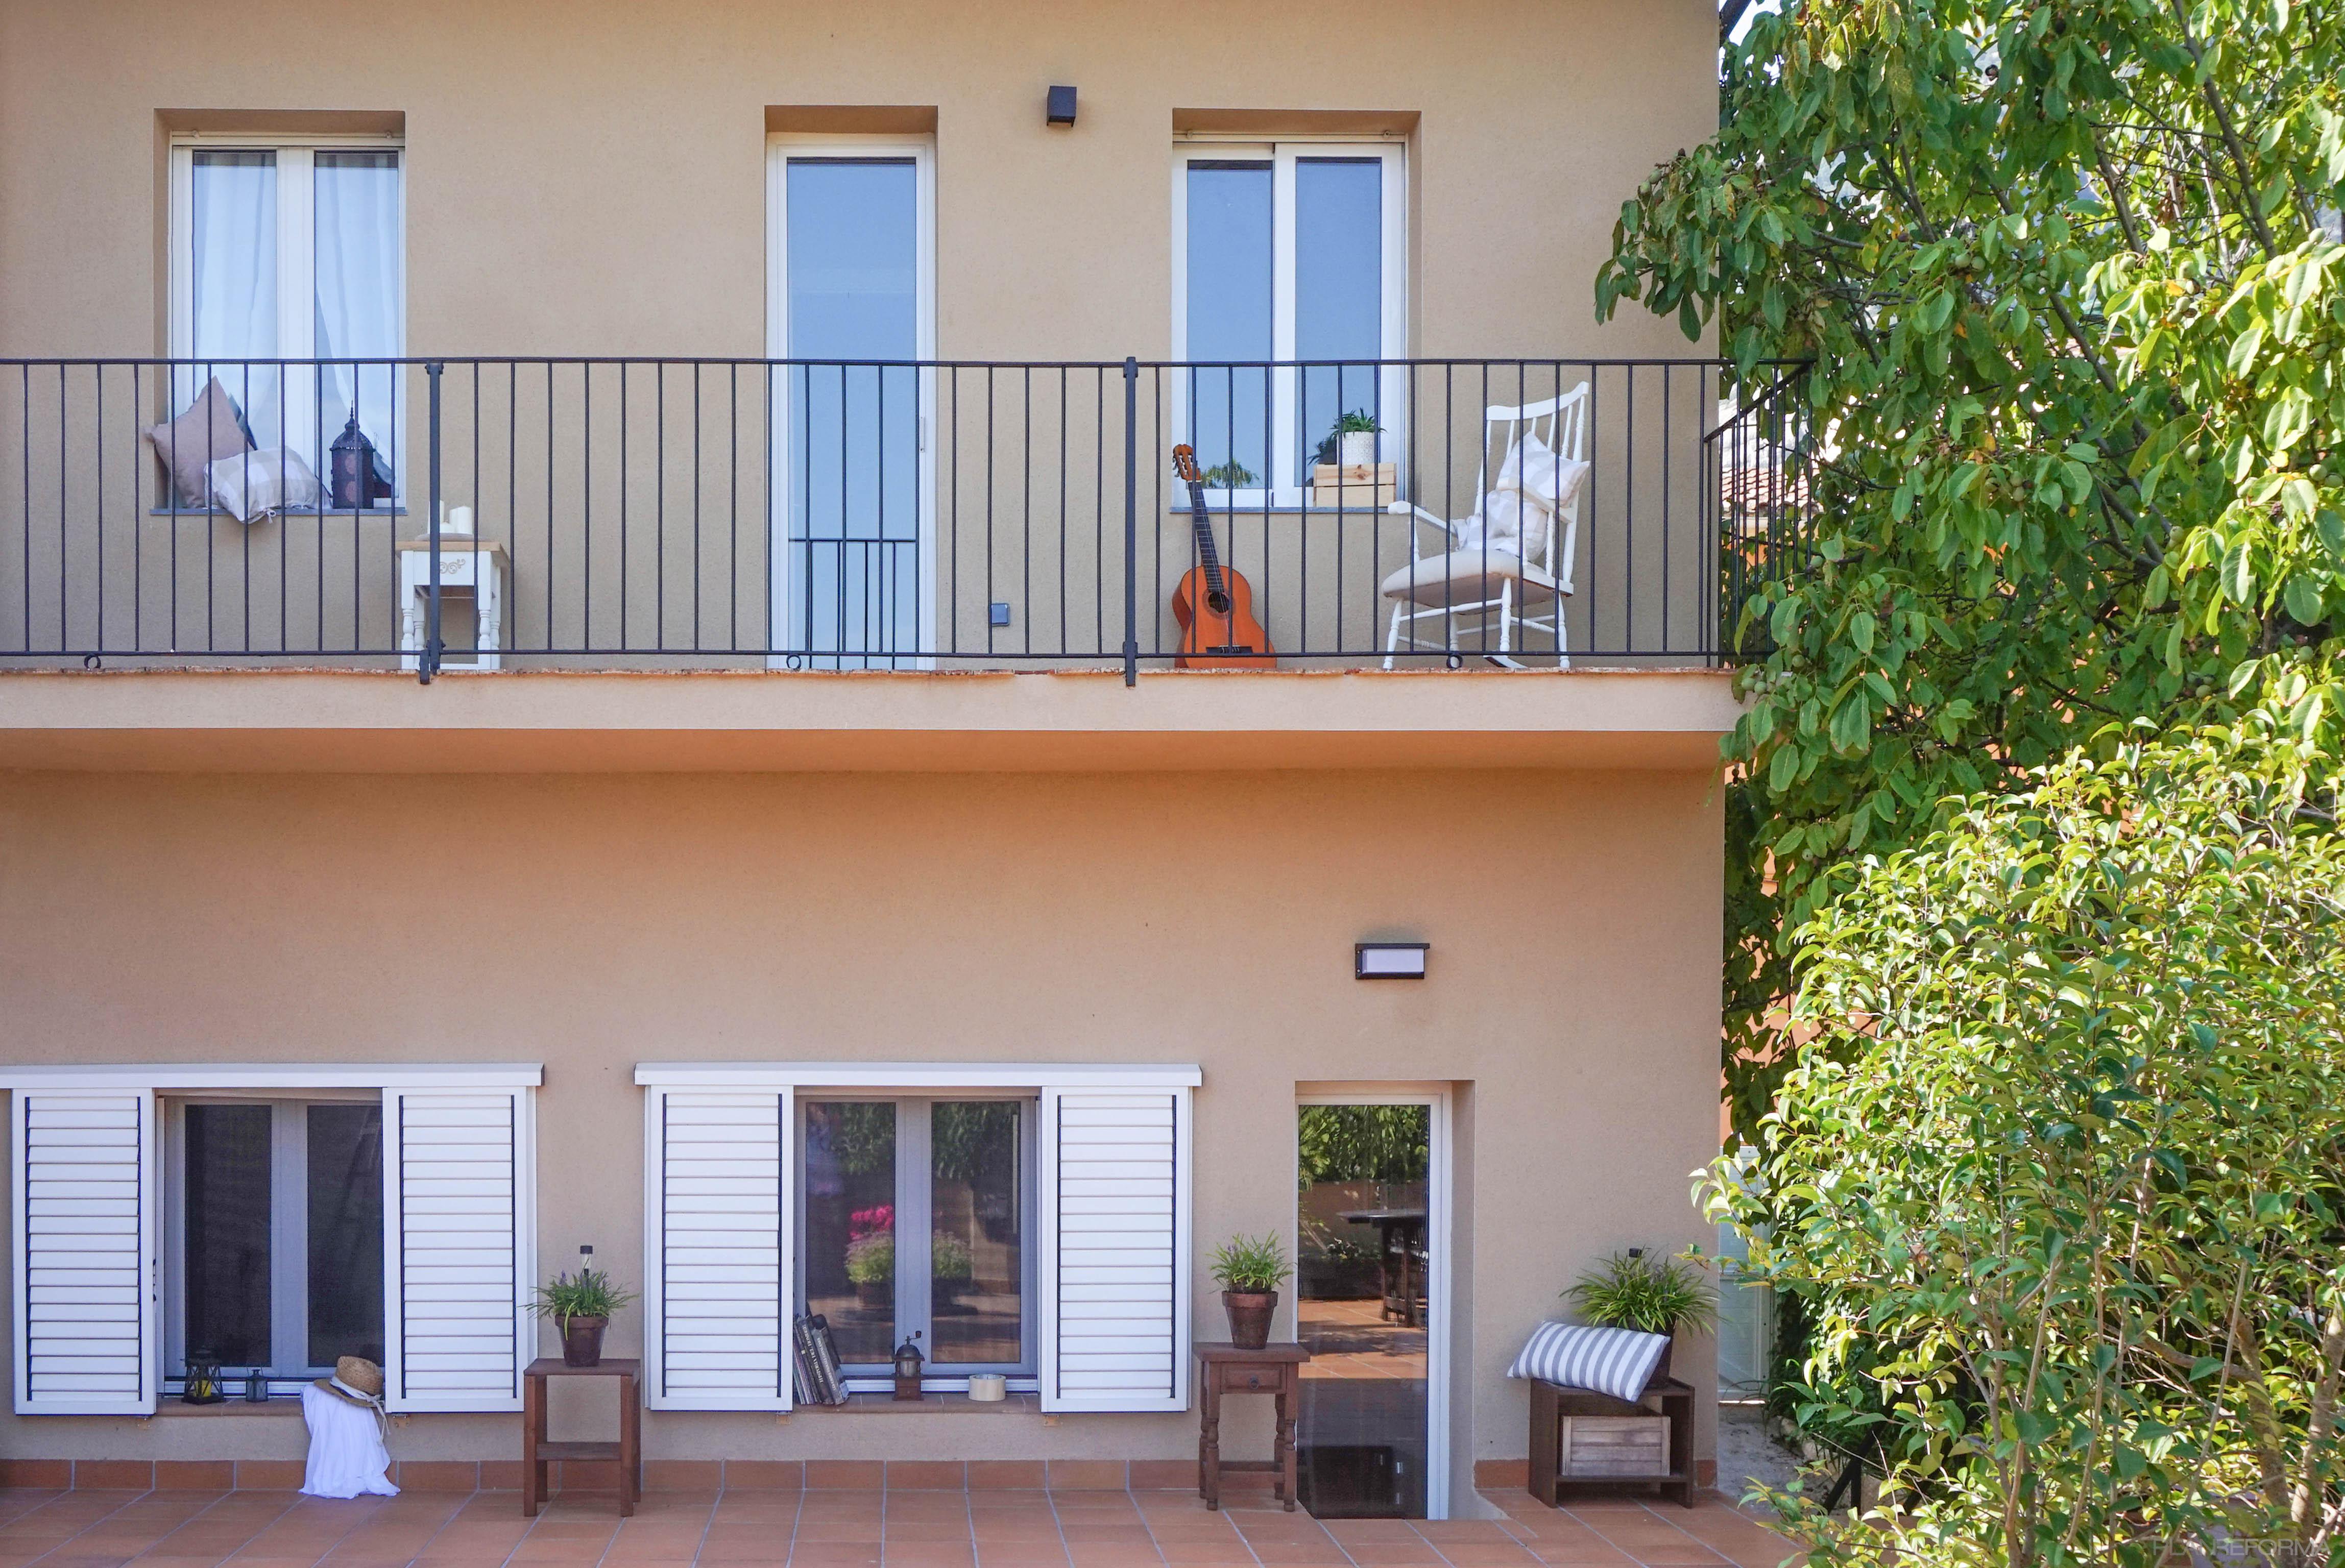 Terraza, Exterior Estilo mediterraneo Color verde, beige, marron  diseñado por Estudi a l'Àtic | Arquitecto | Copyright Estudi a l'Àtic